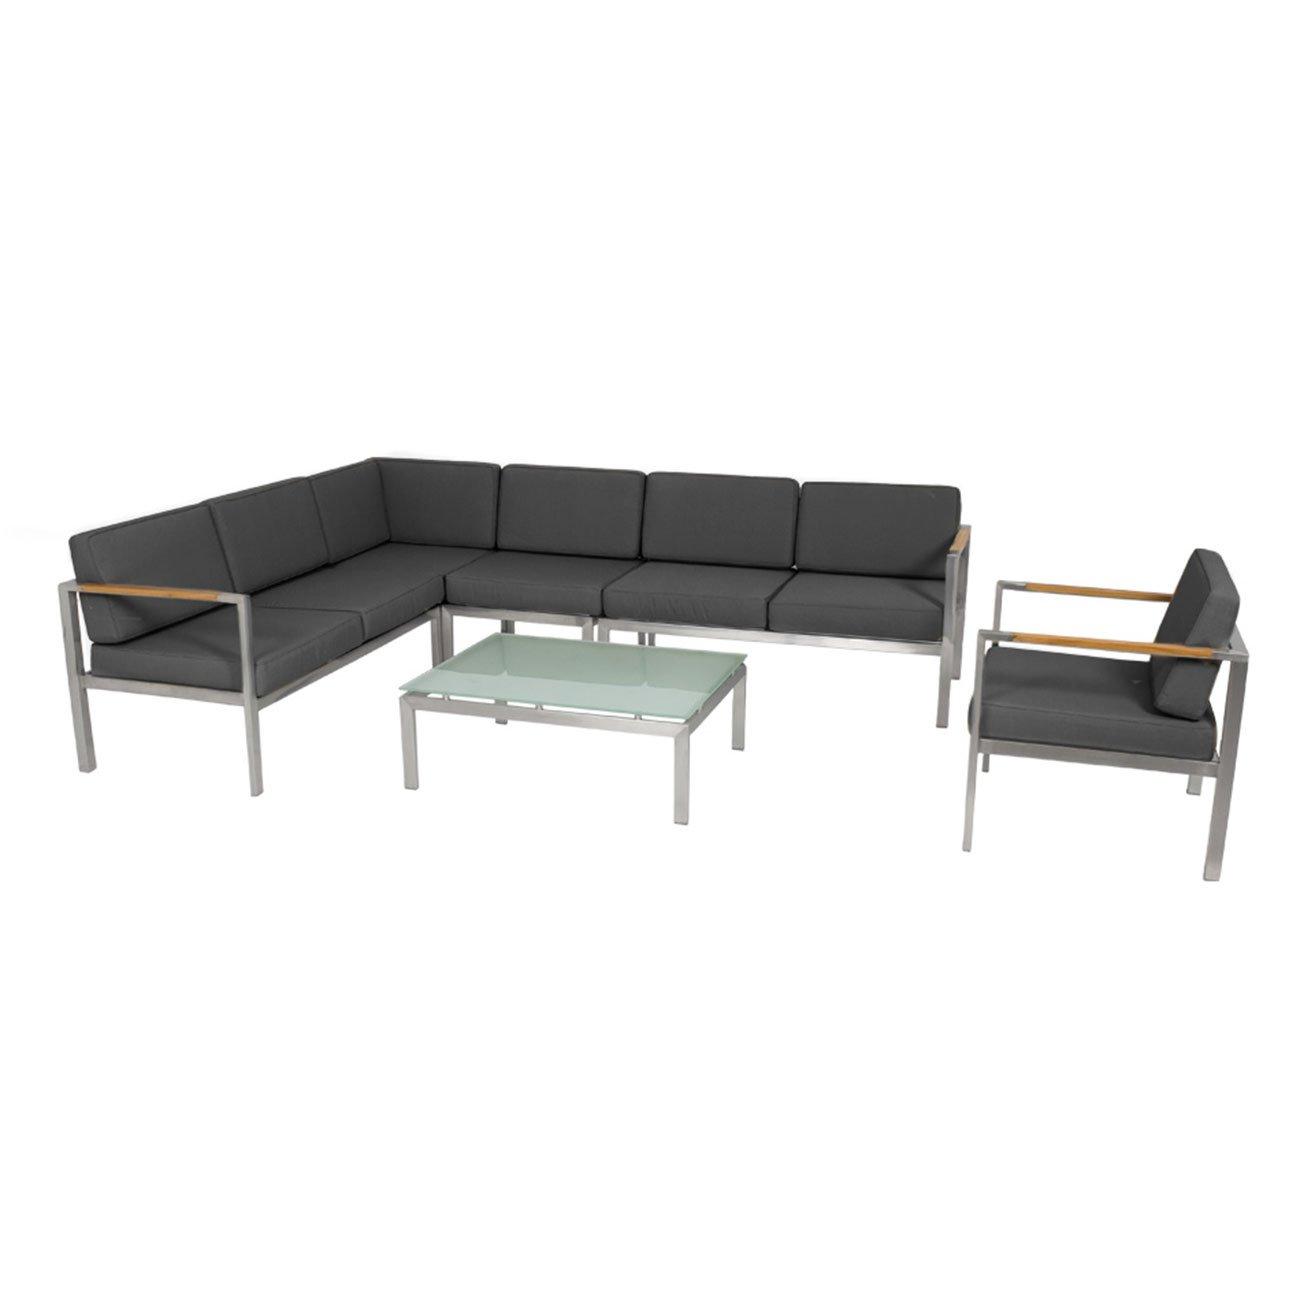 Gartenlounge Outliv Maestro Loungegruppe 6tlg Schwarz 700973